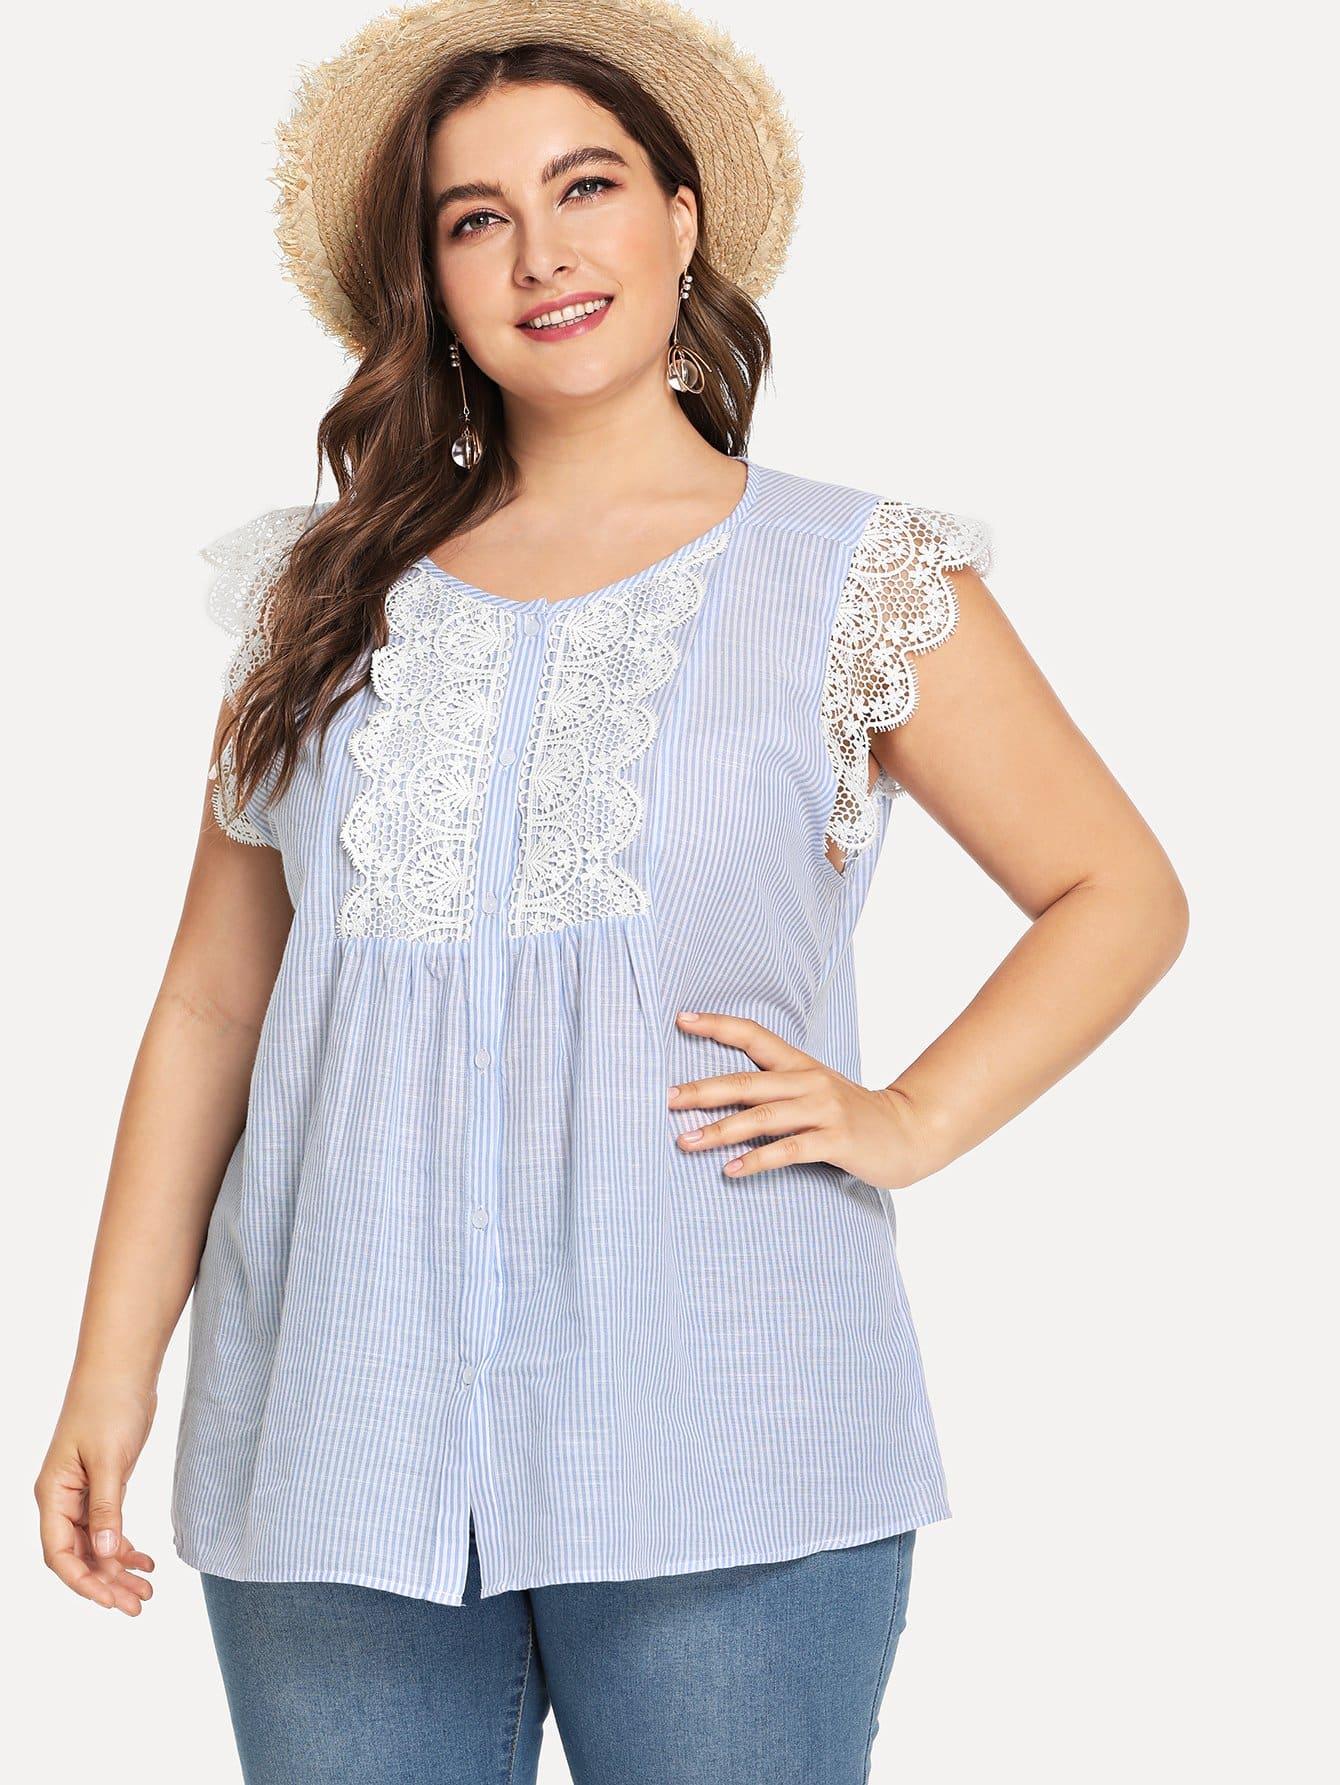 Купить Цветочная кружевная аппликация Полосатая блузка, Franziska, SheIn